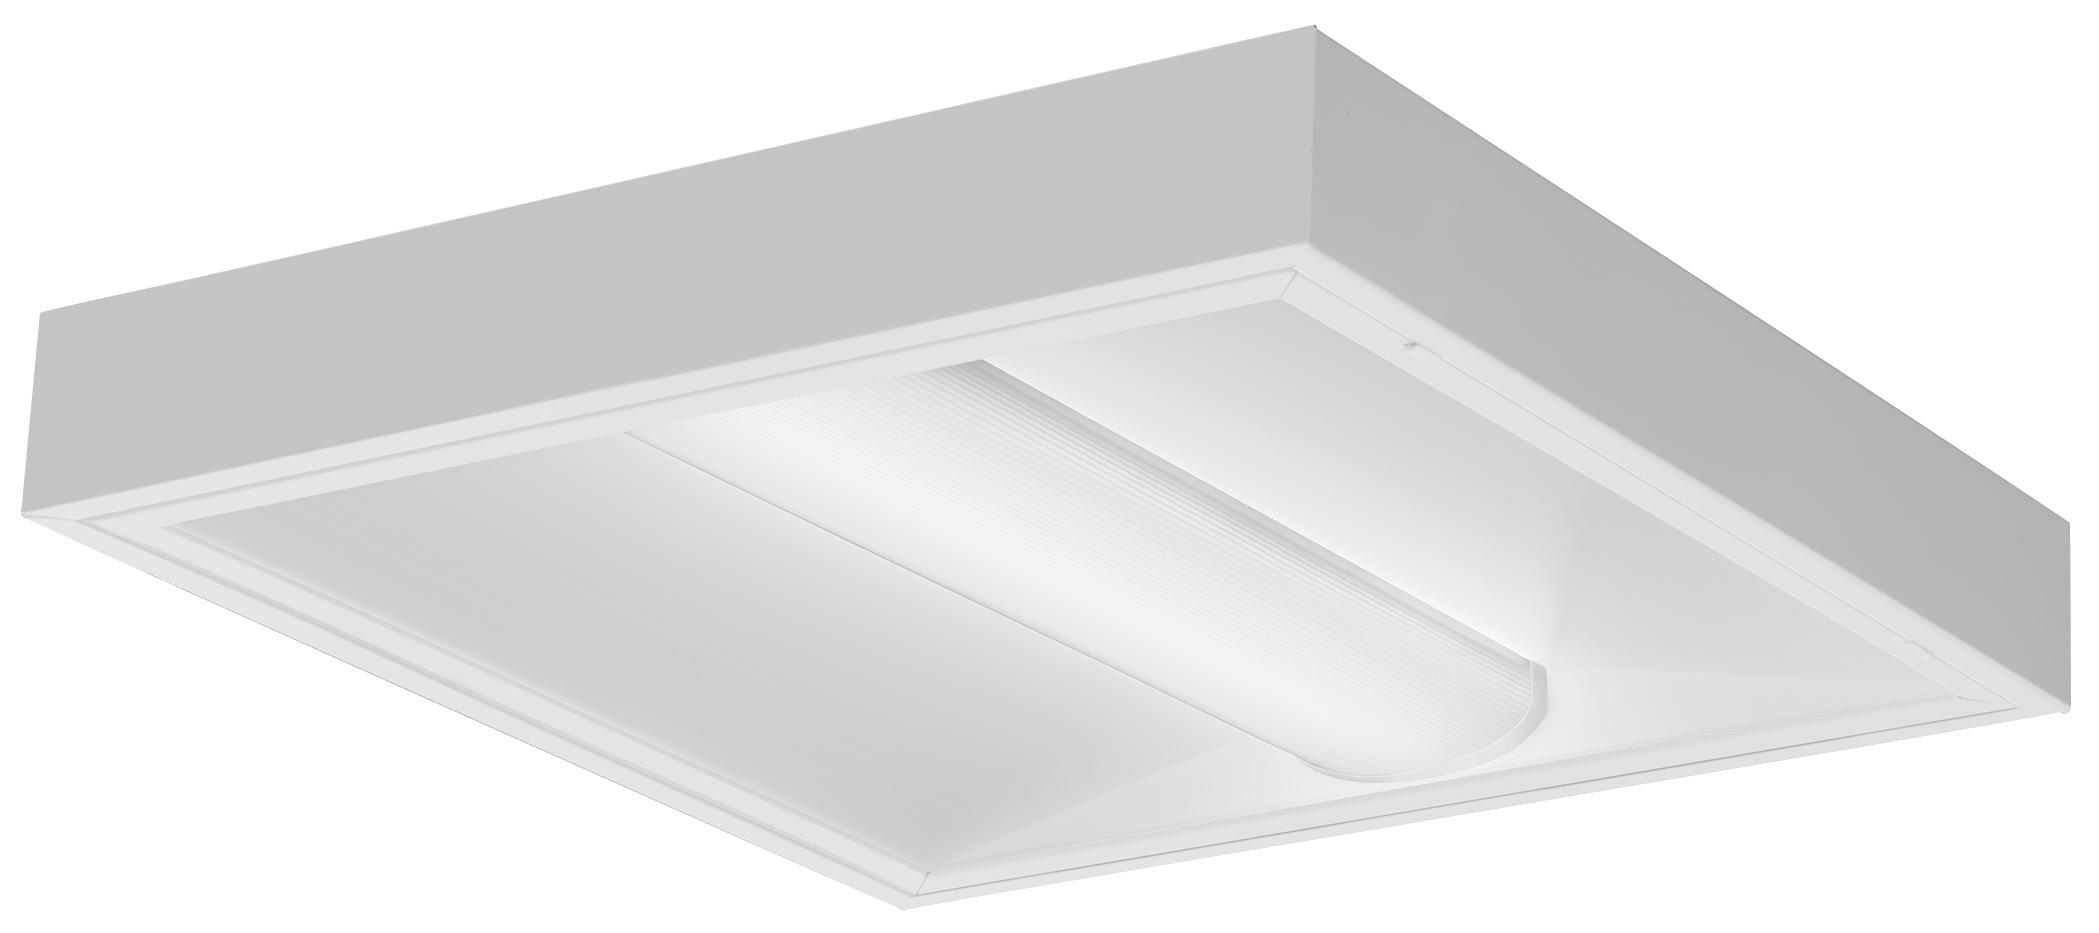 BLTX Surface Mount 2X2.jpg